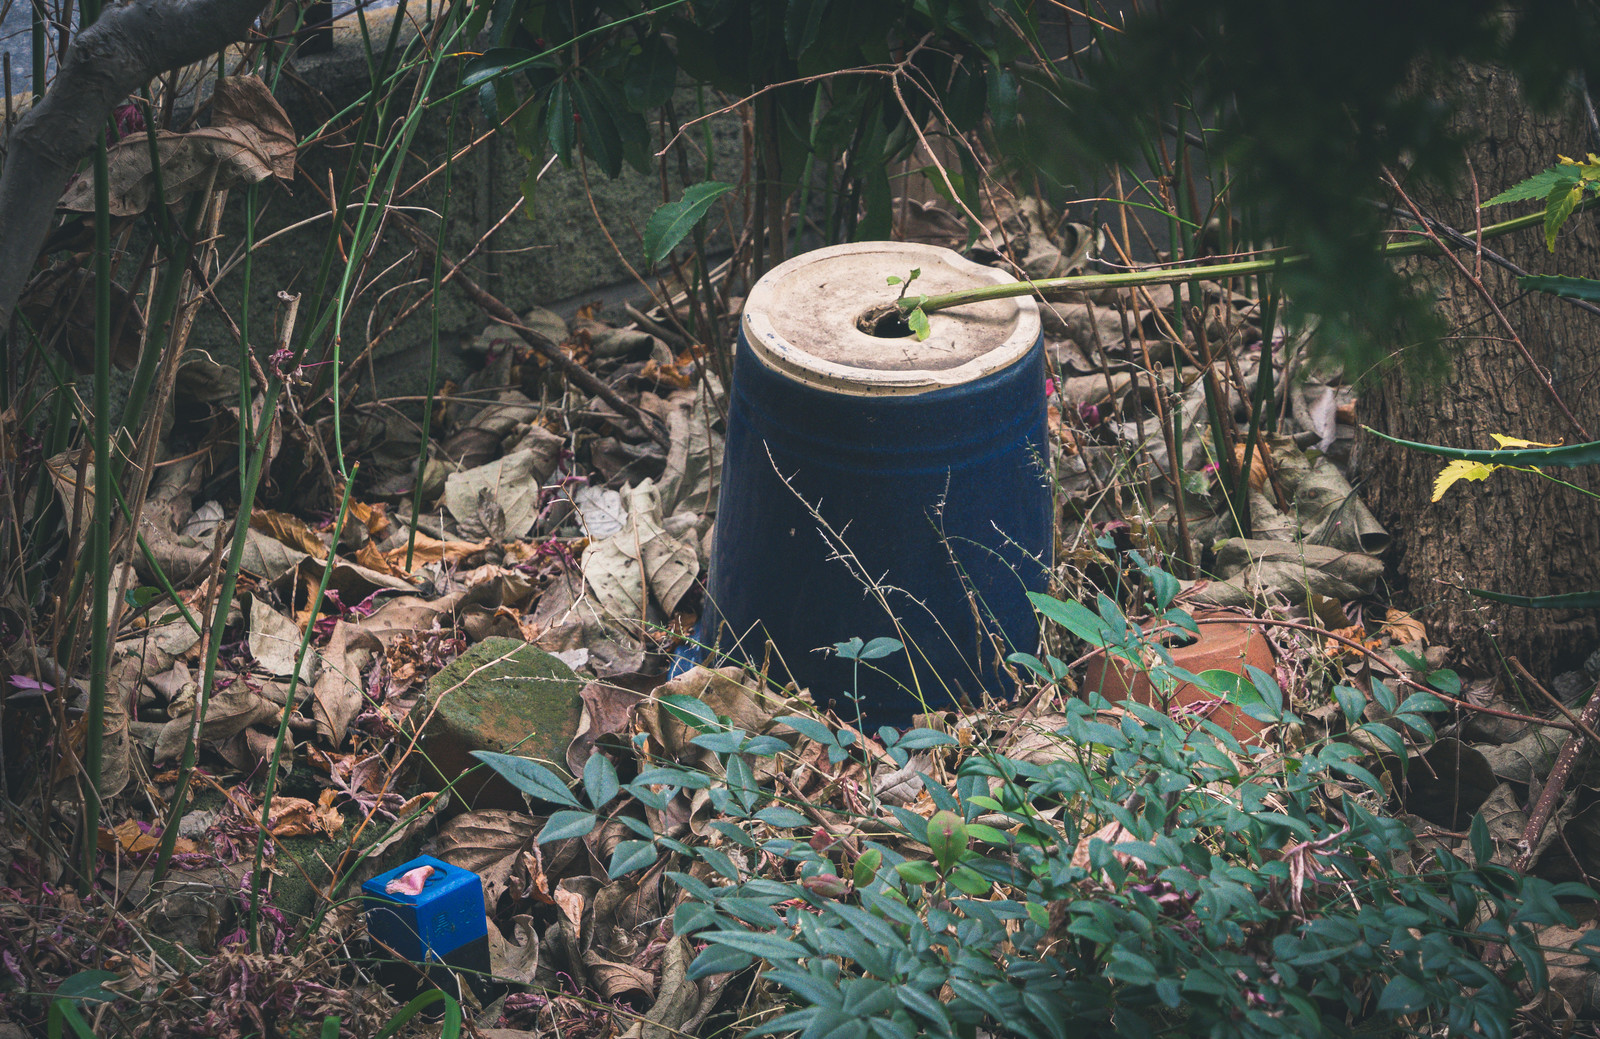 「手入れされないひっくり返った鉢」の写真